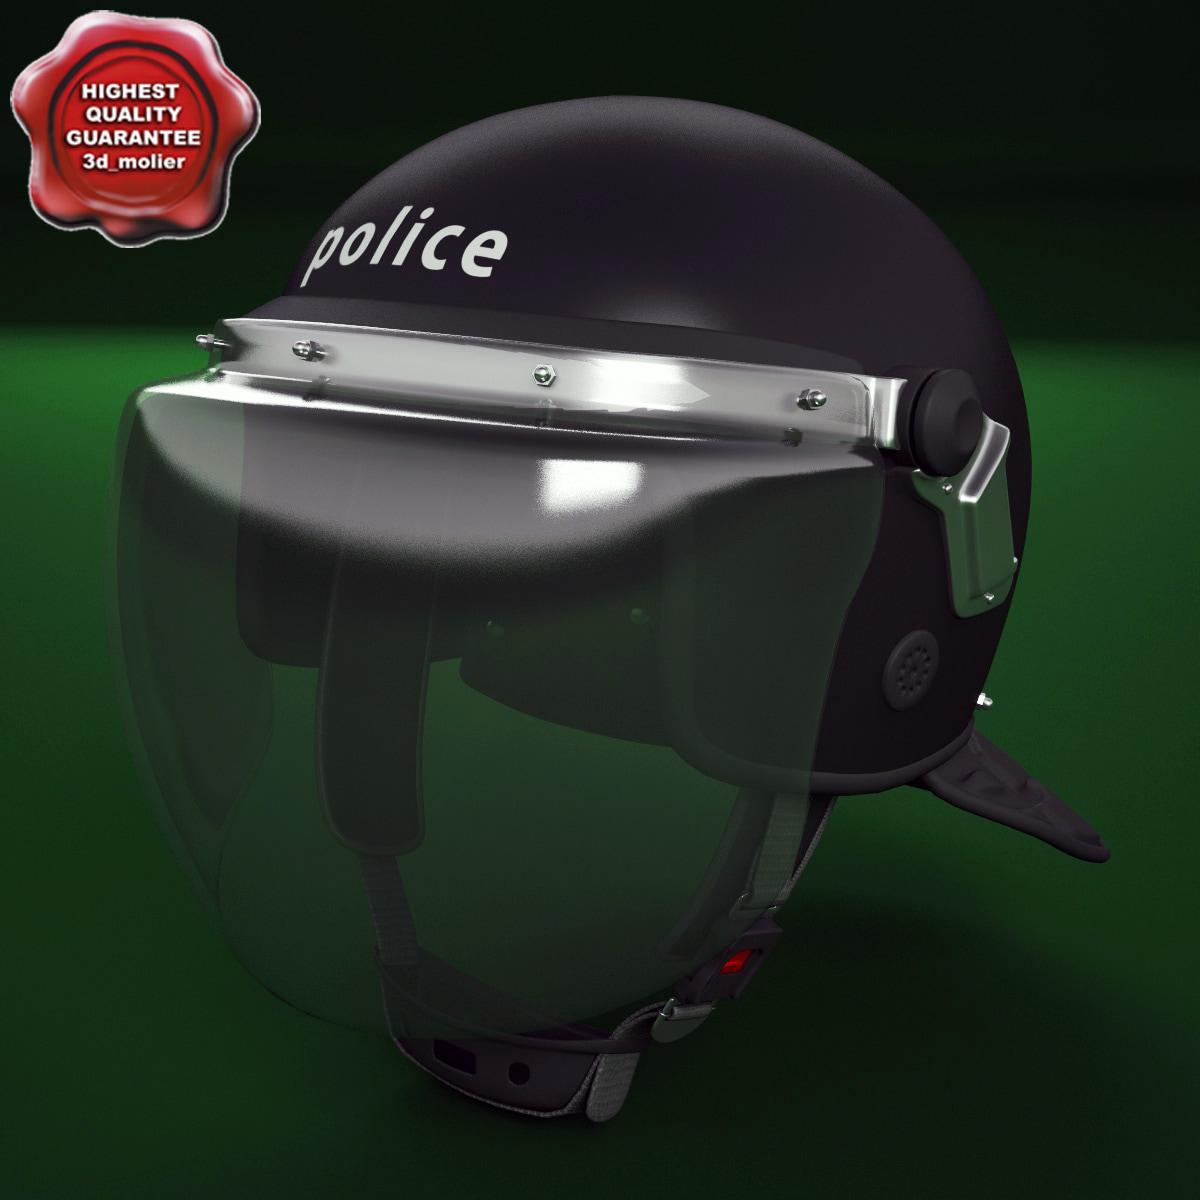 Police_Helmet_FBK-208_00.jpg